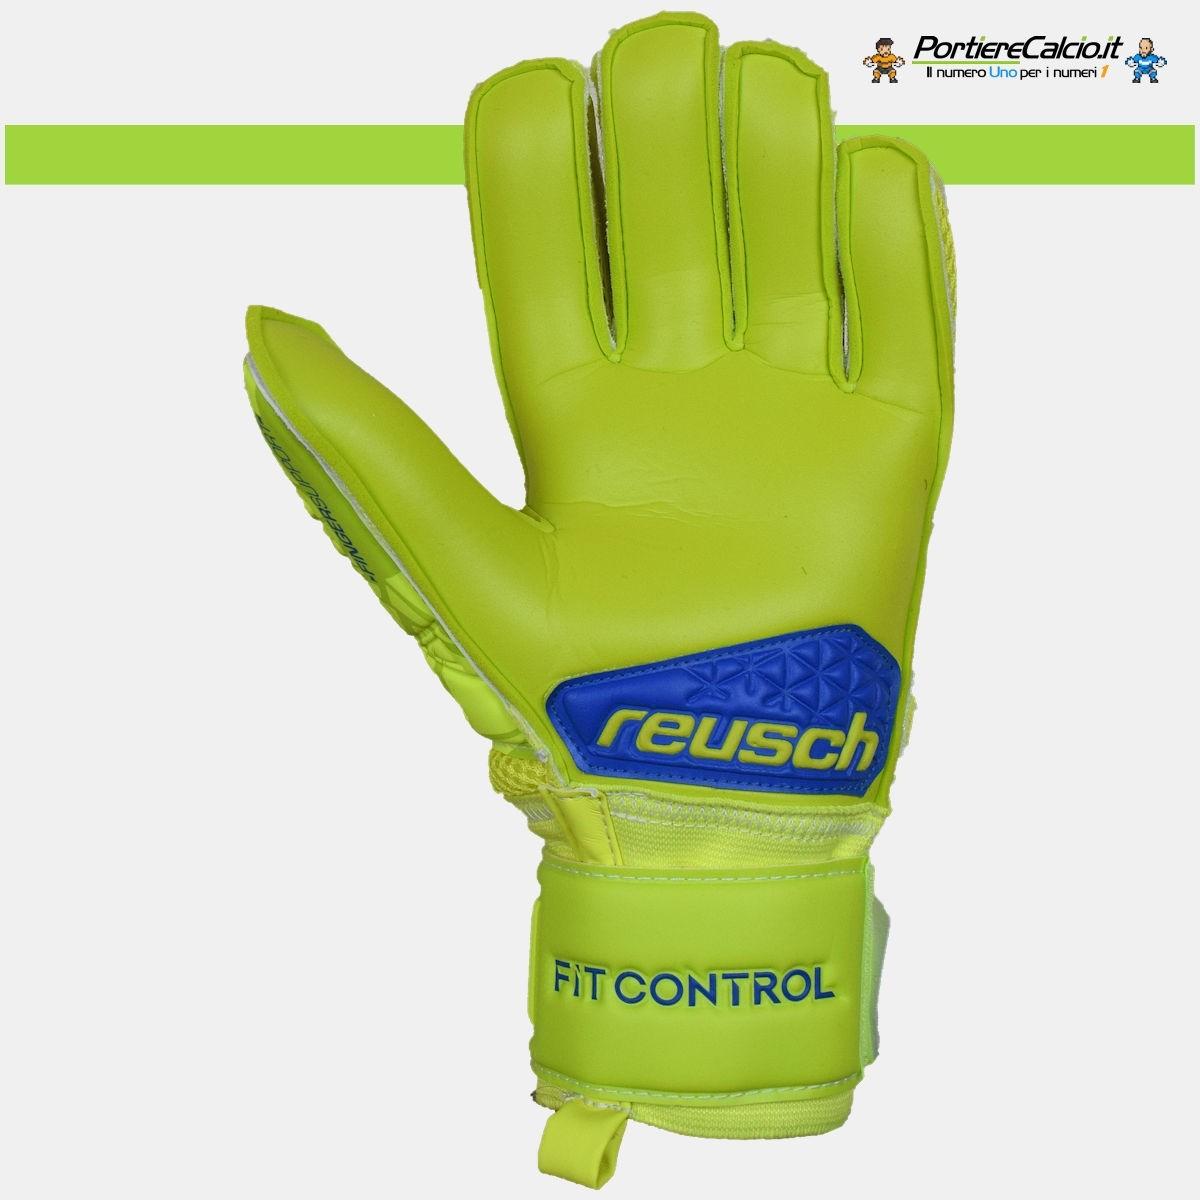 ... Guanti da portiere Reusch Fit Control SG Extra Finger Support palmo 7f4f70a3d9e8